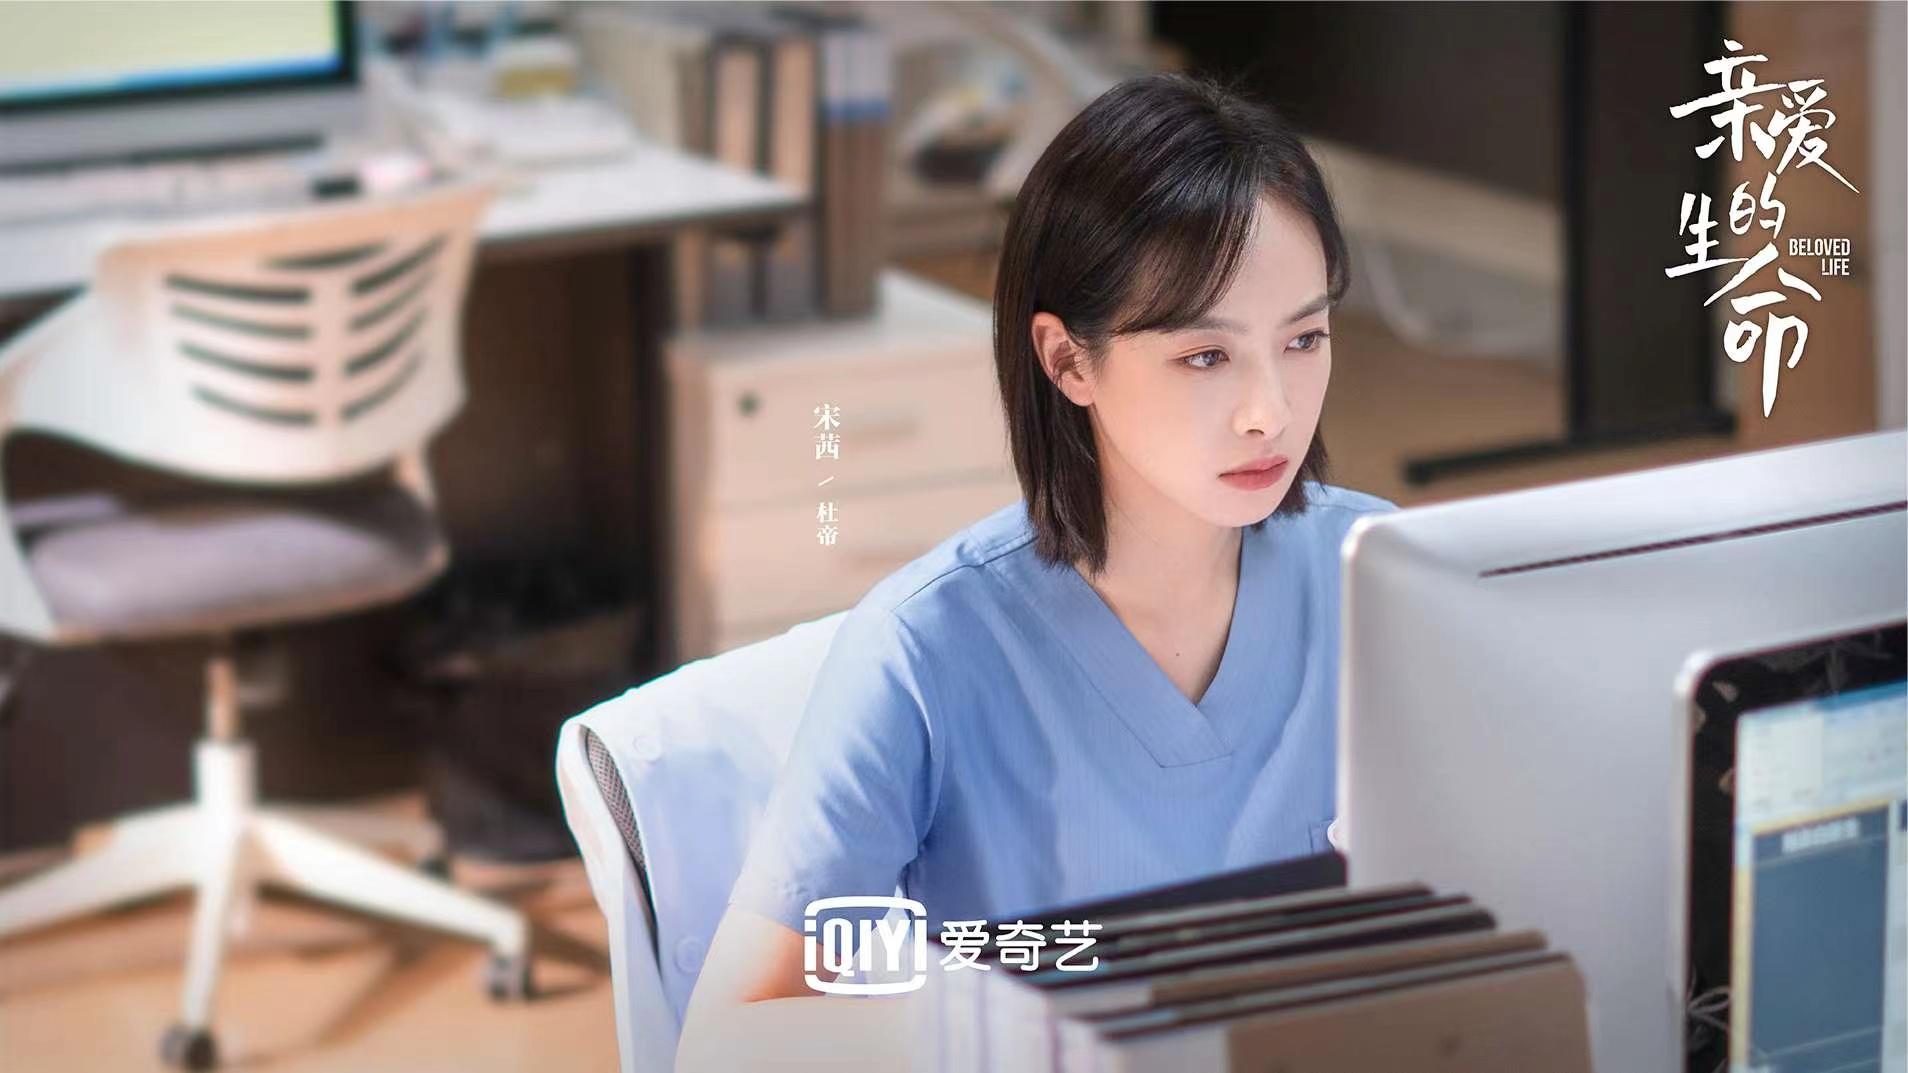 宋茜《亲爱的生命》正式官宣  出演妇产科医生开启新挑战